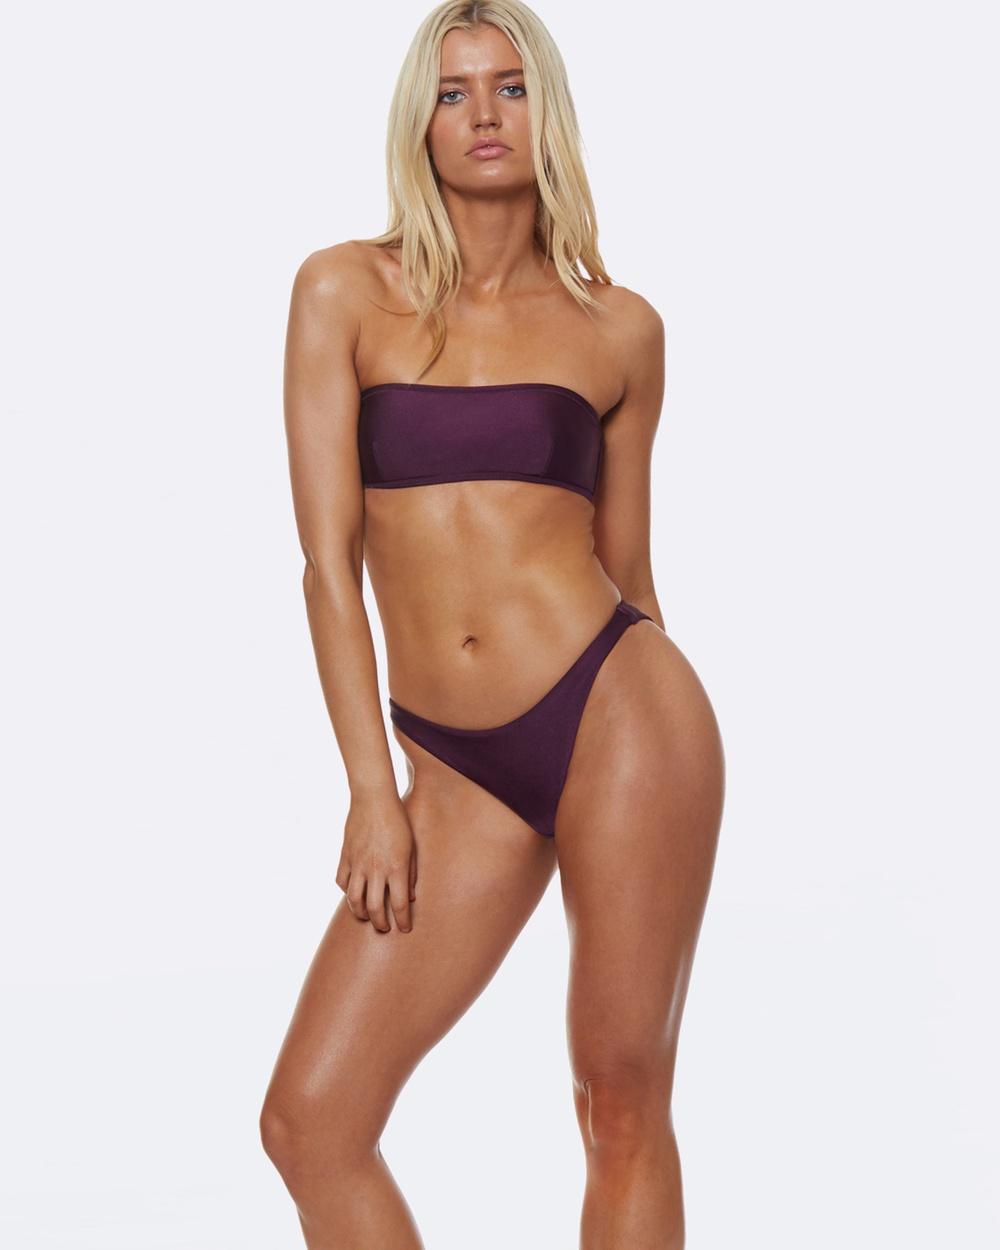 L'urv She Shimmers Bikini Bottoms Bikini Bottoms Purple She Shimmers Bikini Bottoms